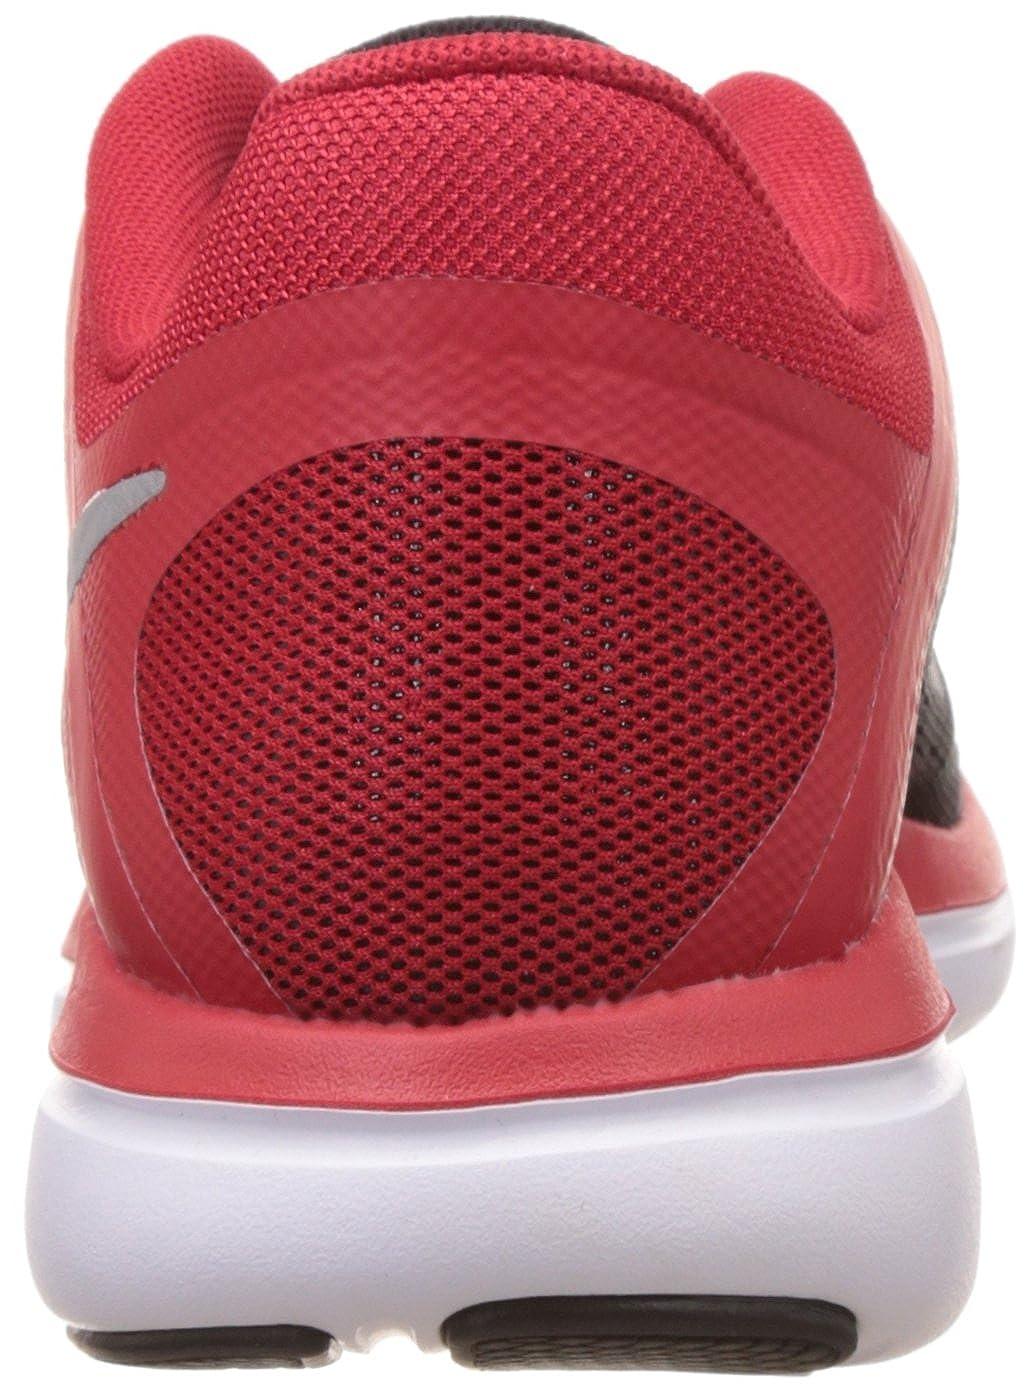 homme / femme  de nike  femme 's flex expérience rn 4 prem chaussures gv7213 divers modèles de marque de qualité plus tard 70d1c1